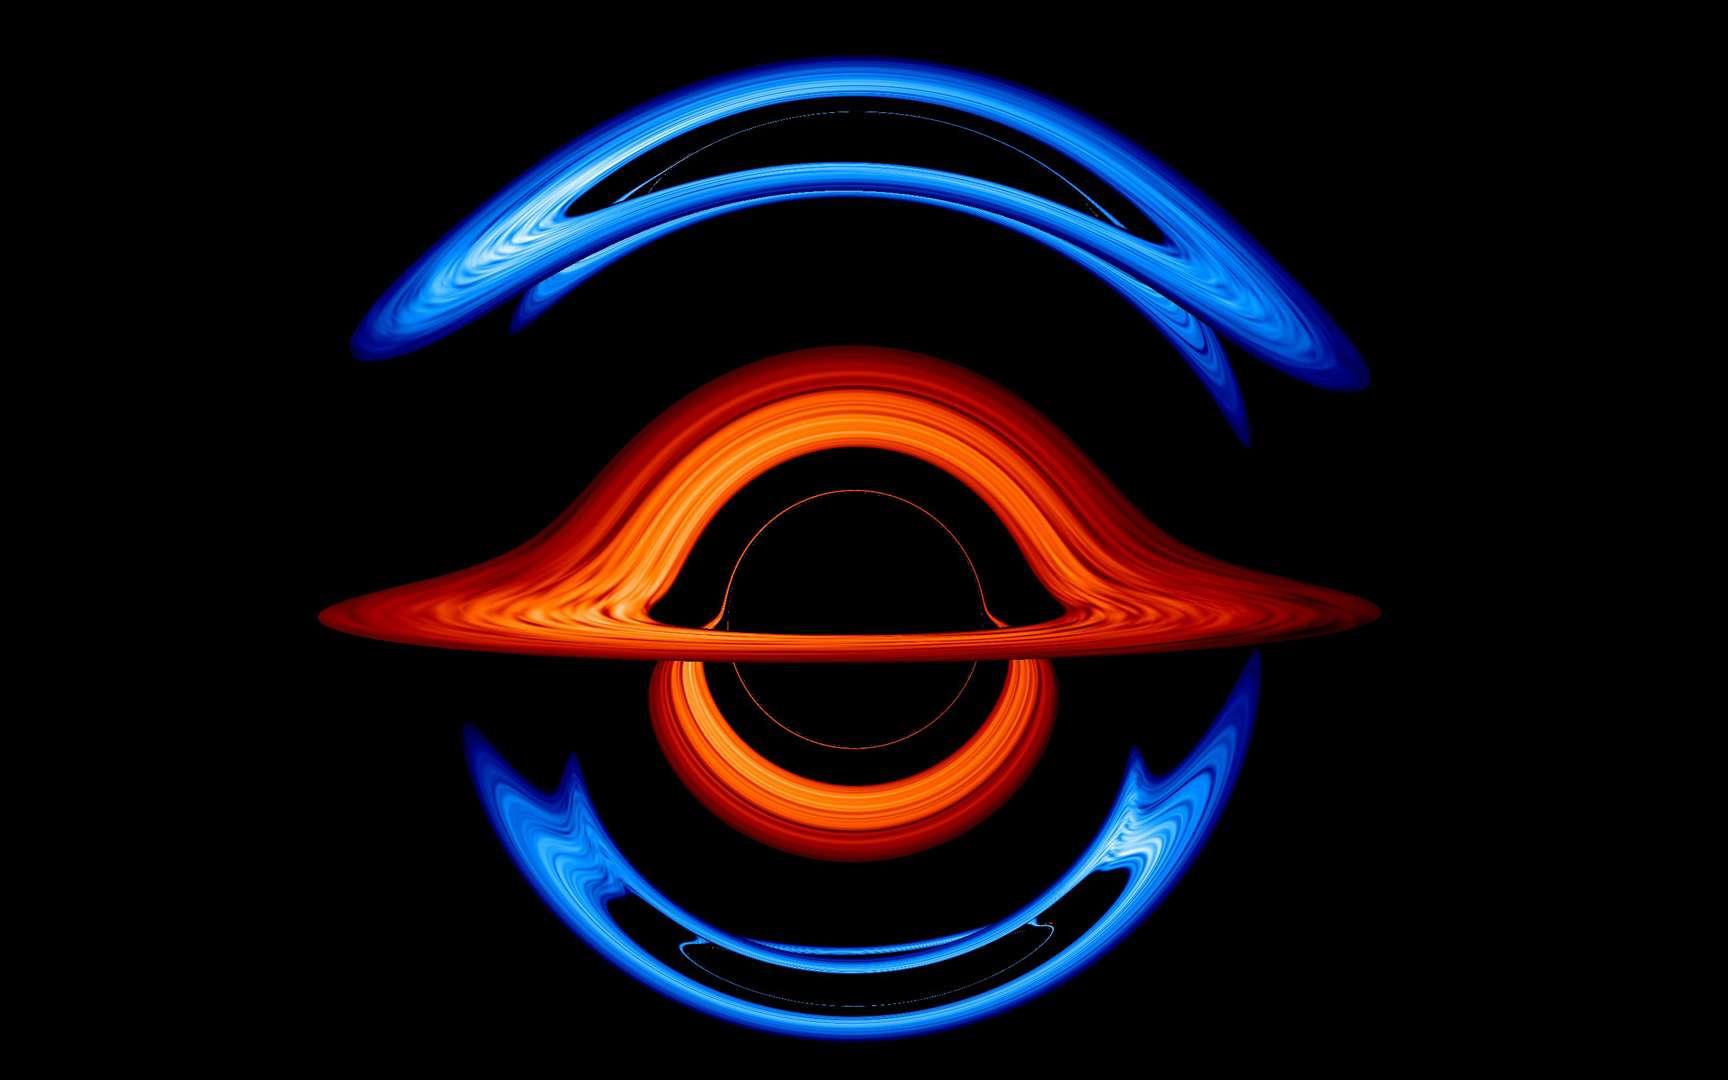 Sur cette image issue d'une simulation, un trou noir supermassif pesant 200 millions de masses solaires se trouve au premier plan. Sa gravité déforme la lumière du disque d'accrétion d'un petit trou noir compagnon presque directement derrière lui, créant cette vue surréaliste. Différentes couleurs pour les disques d'accrétion facilitent le suivi des contributions de chacun des trous noirs. © Centre de vol spatial Goddard de la Nasa, Jeremy Schnittman et Brian P. Powell